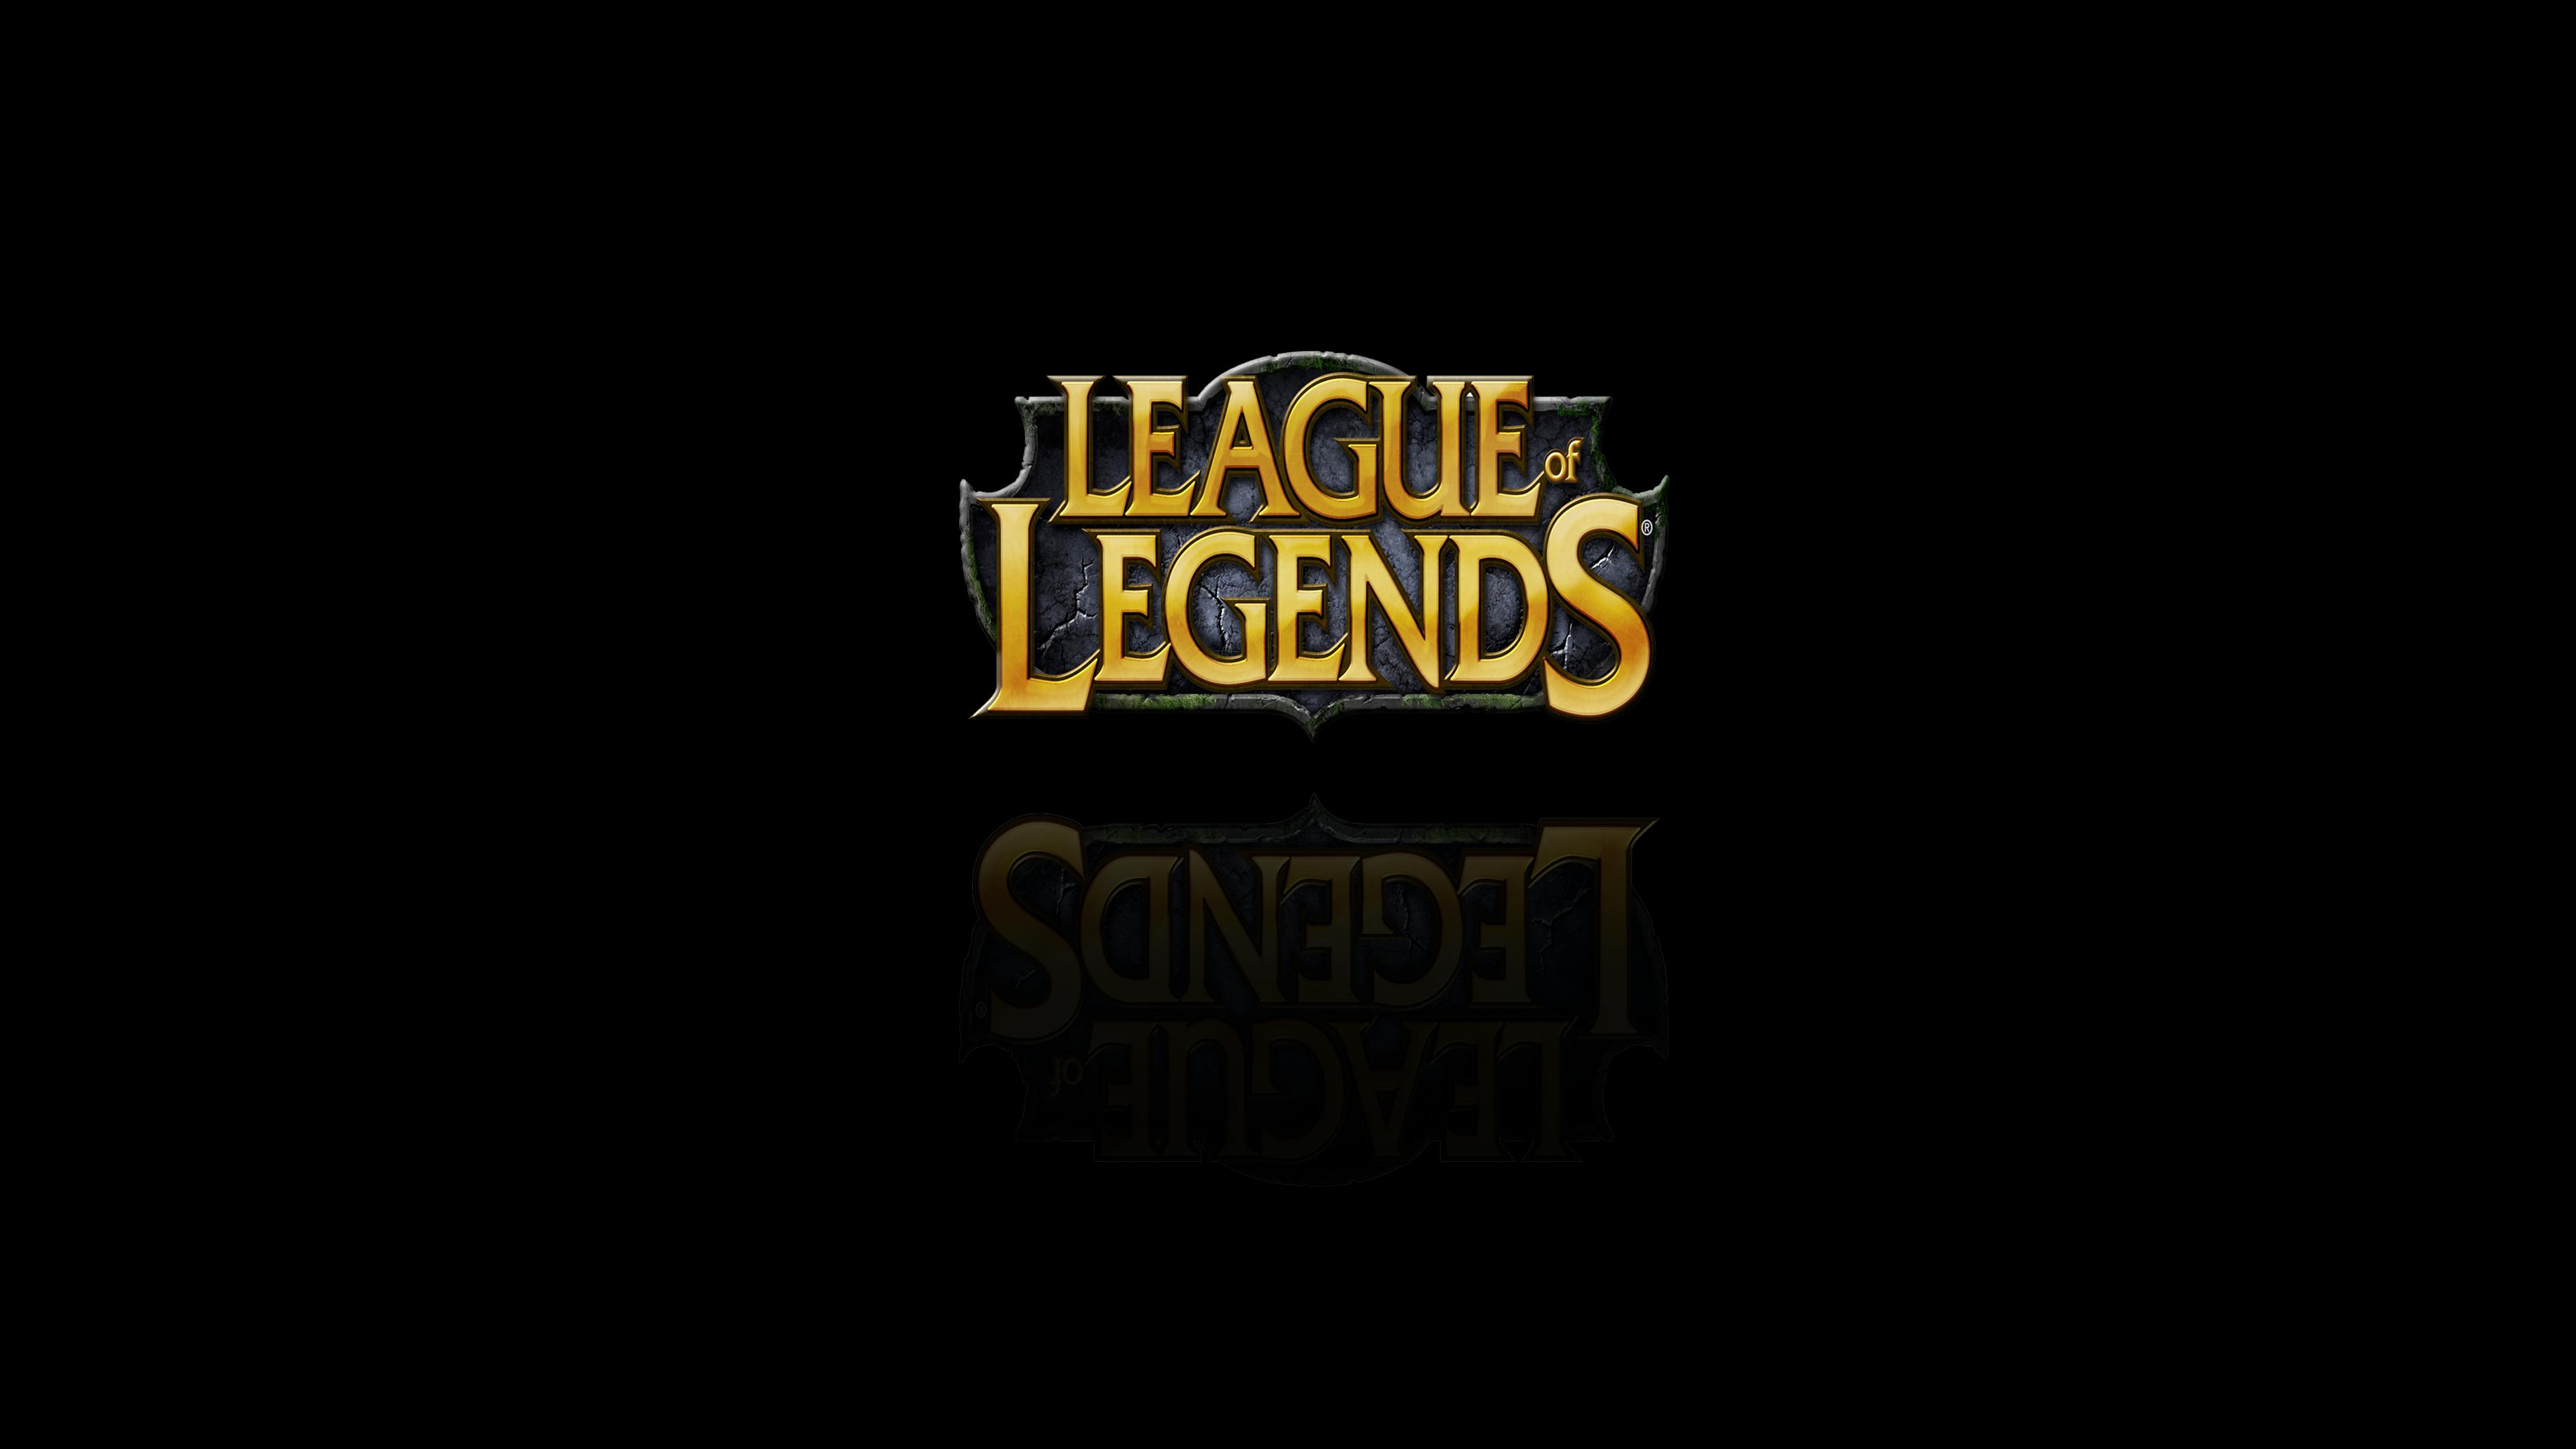 league of legends wallpaper 4k by wingweaver666 fan art wallpaper 3840x2160